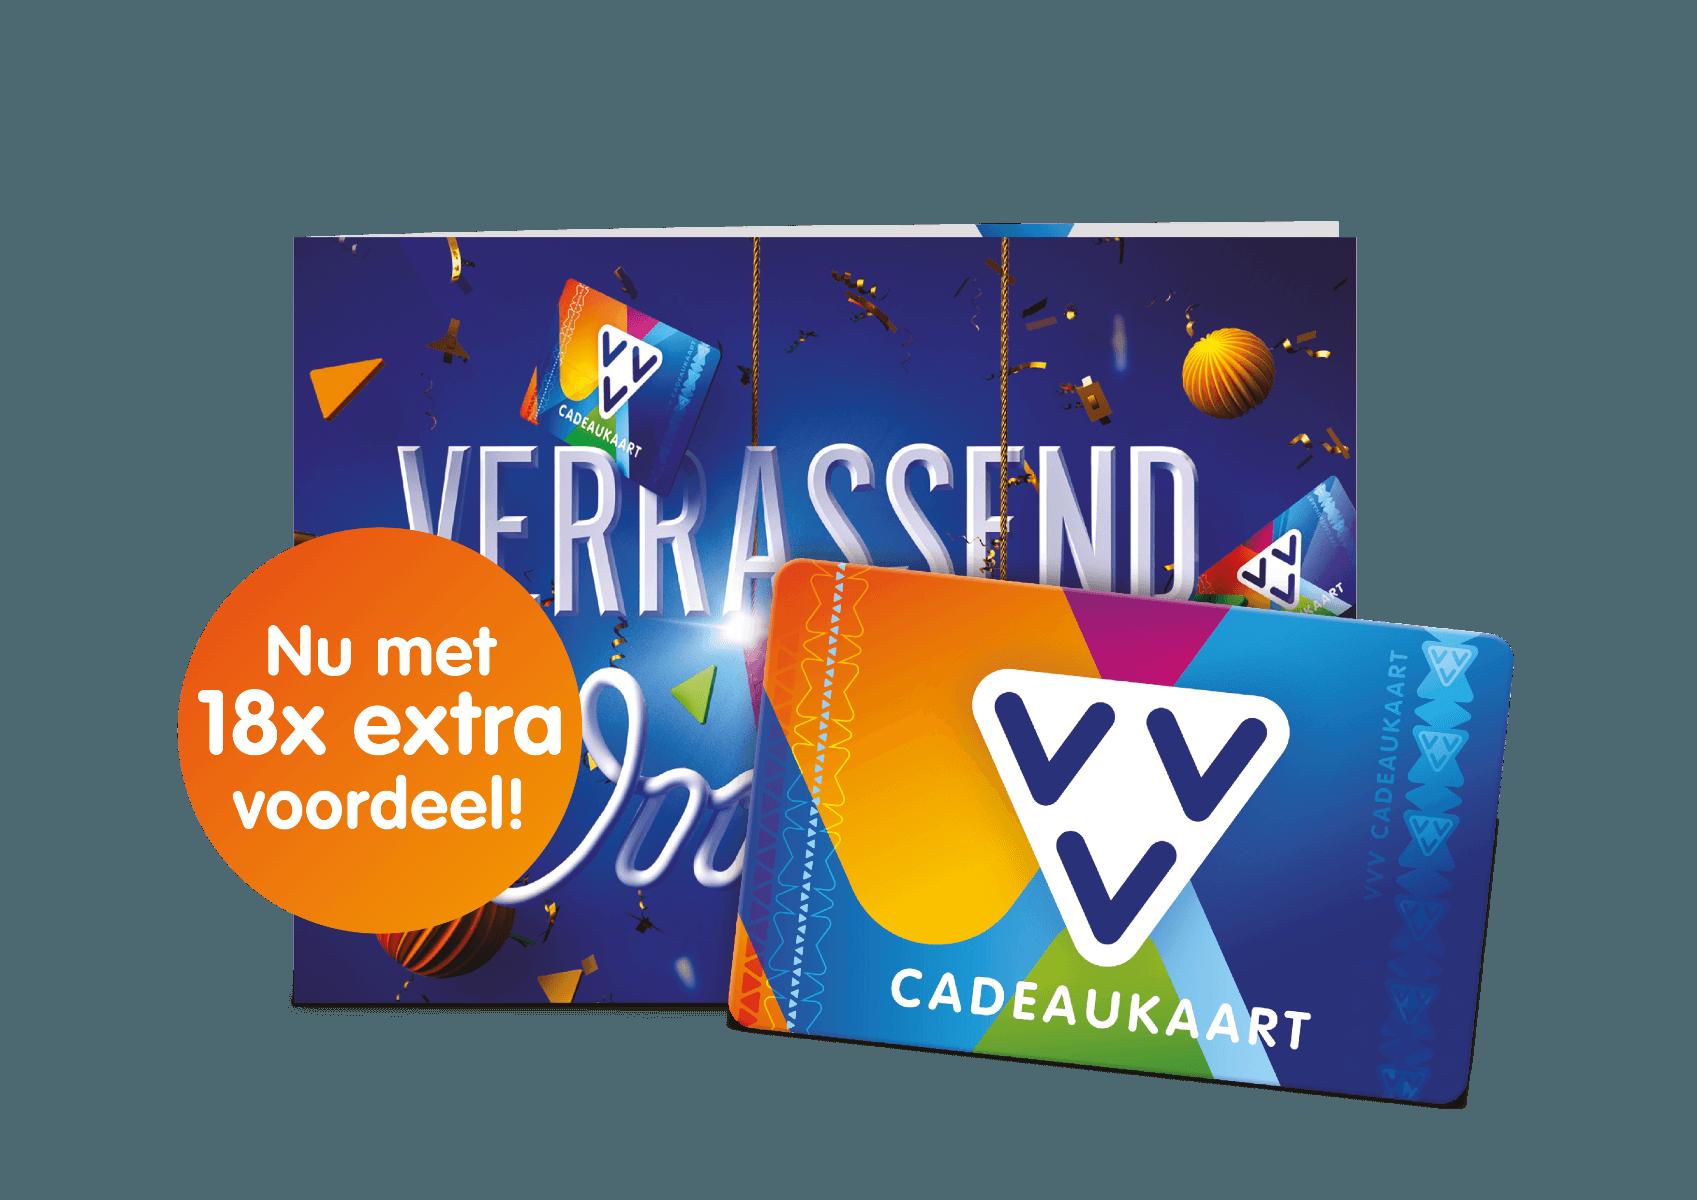 Wow: betalen met VVV Cadeaukaart is vanaf heden hier mogelijk!